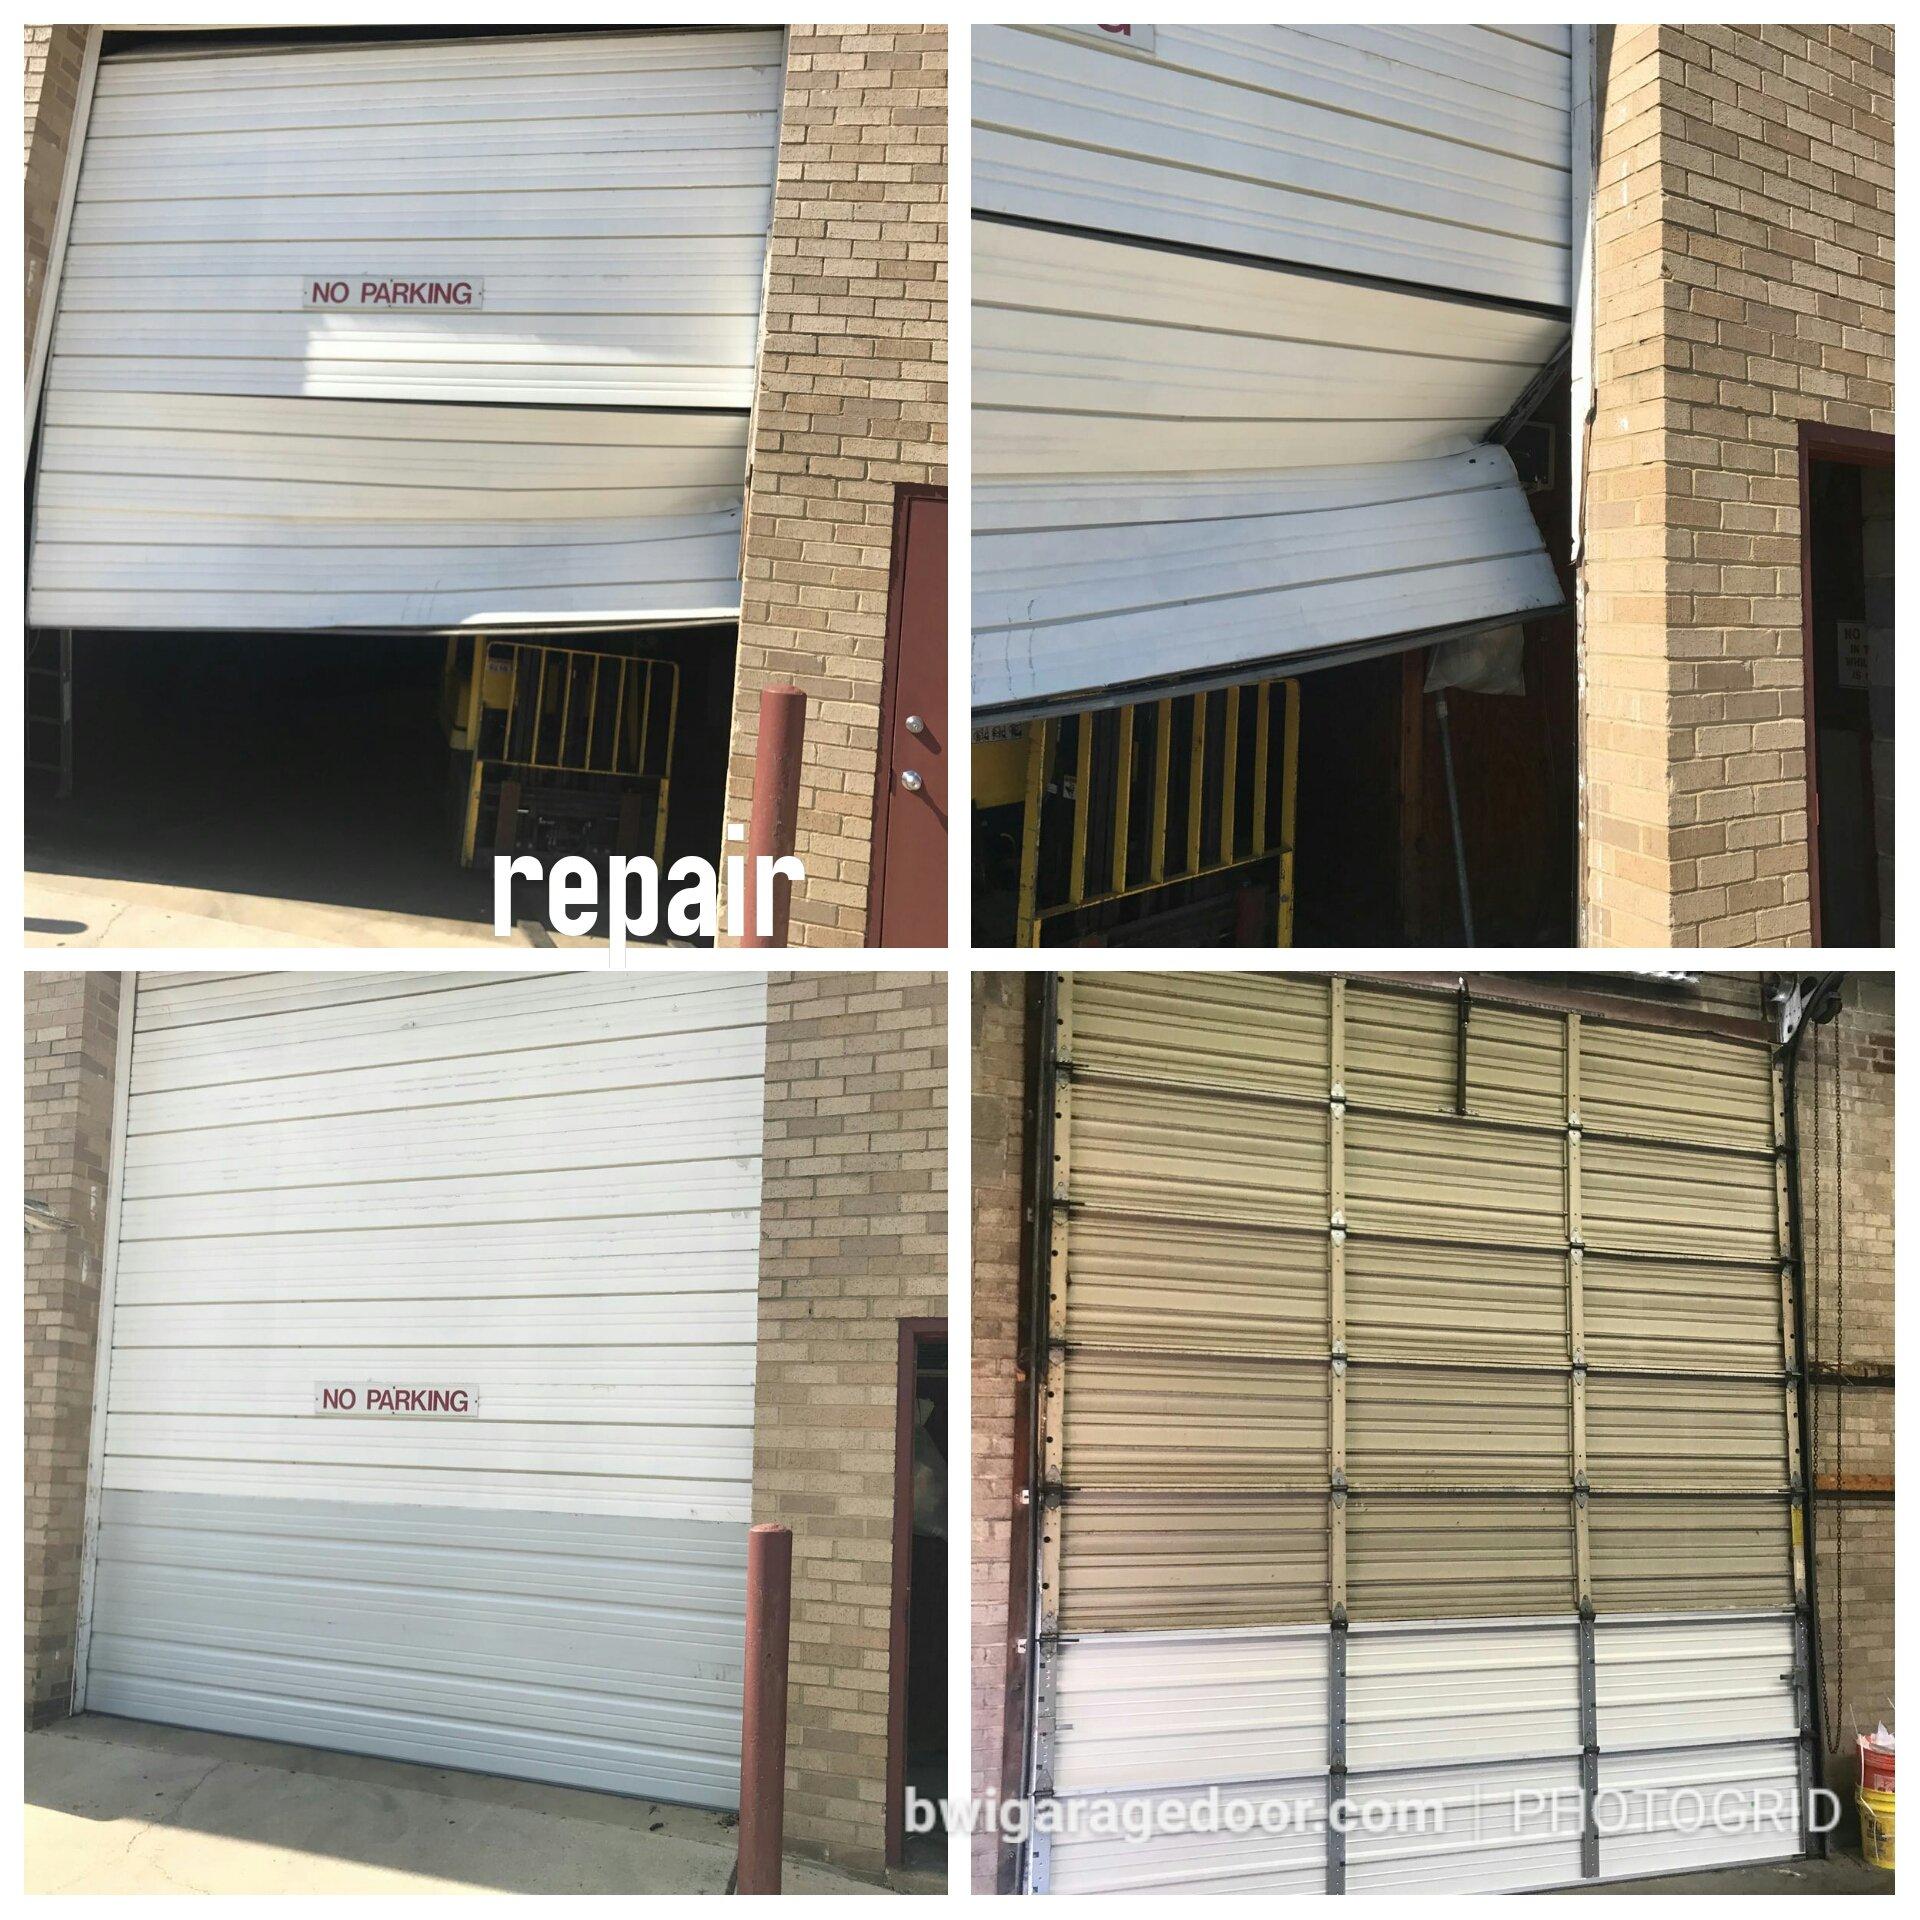 Garage door gallery bwi garage door for Garage door repair bowie md